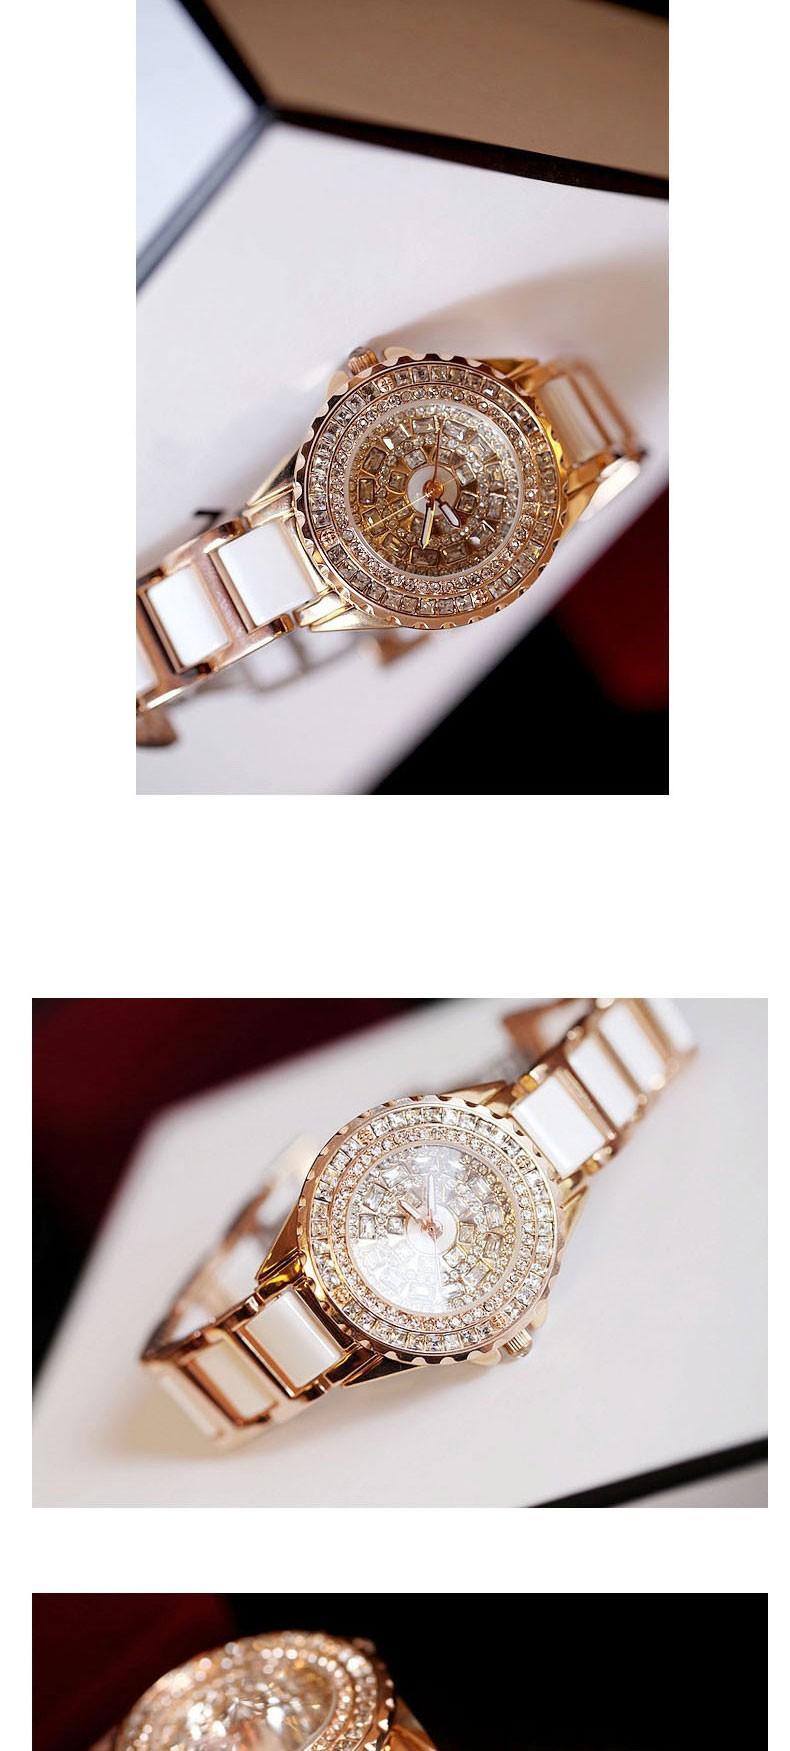 Часы Женщины Красочные Алмазный Керамические Платье Наручные Часы Кварцевые Часы Женщины Relógio Feminino Relojes Mujer 2016